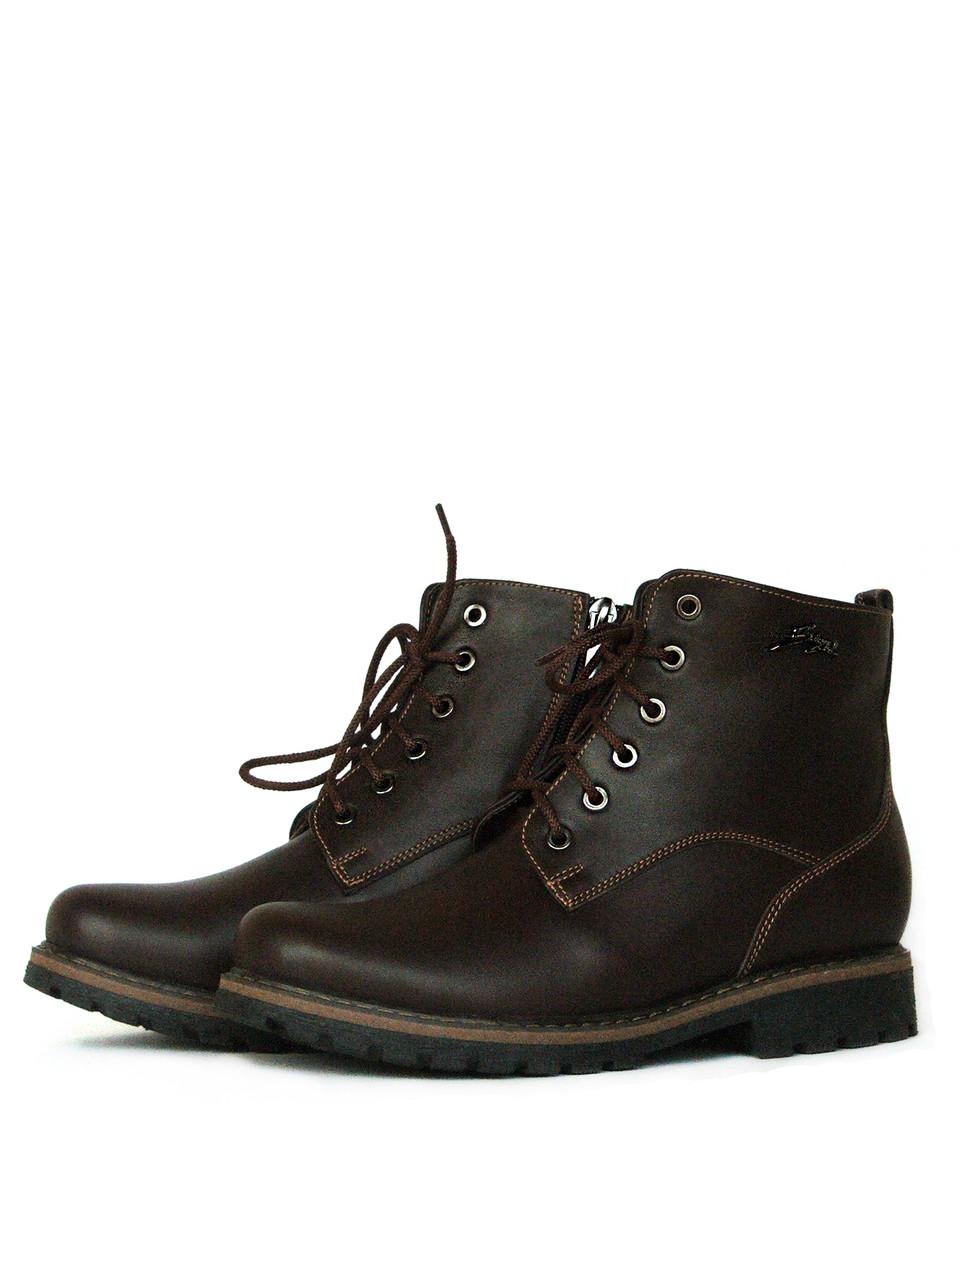 Зимние коричневые ботинки женские